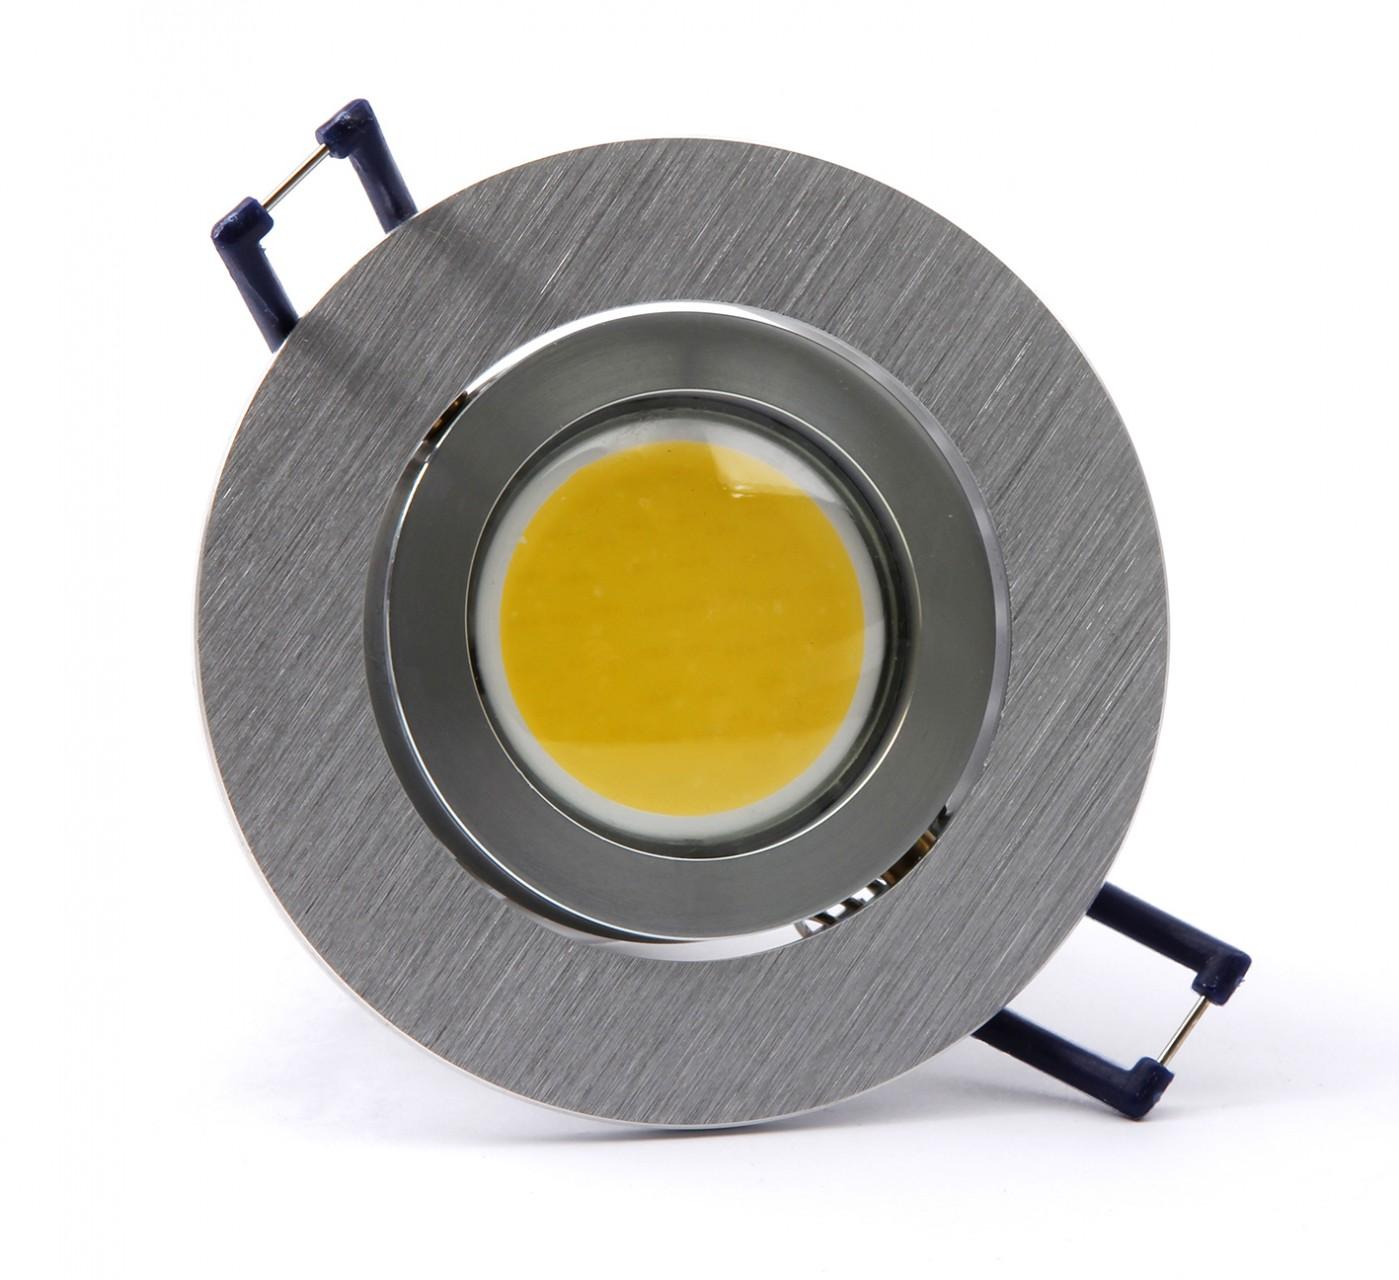 H+H COB-SMD-LED Einbauleuchte, 4 W, Warmweiß oder Naturweiß